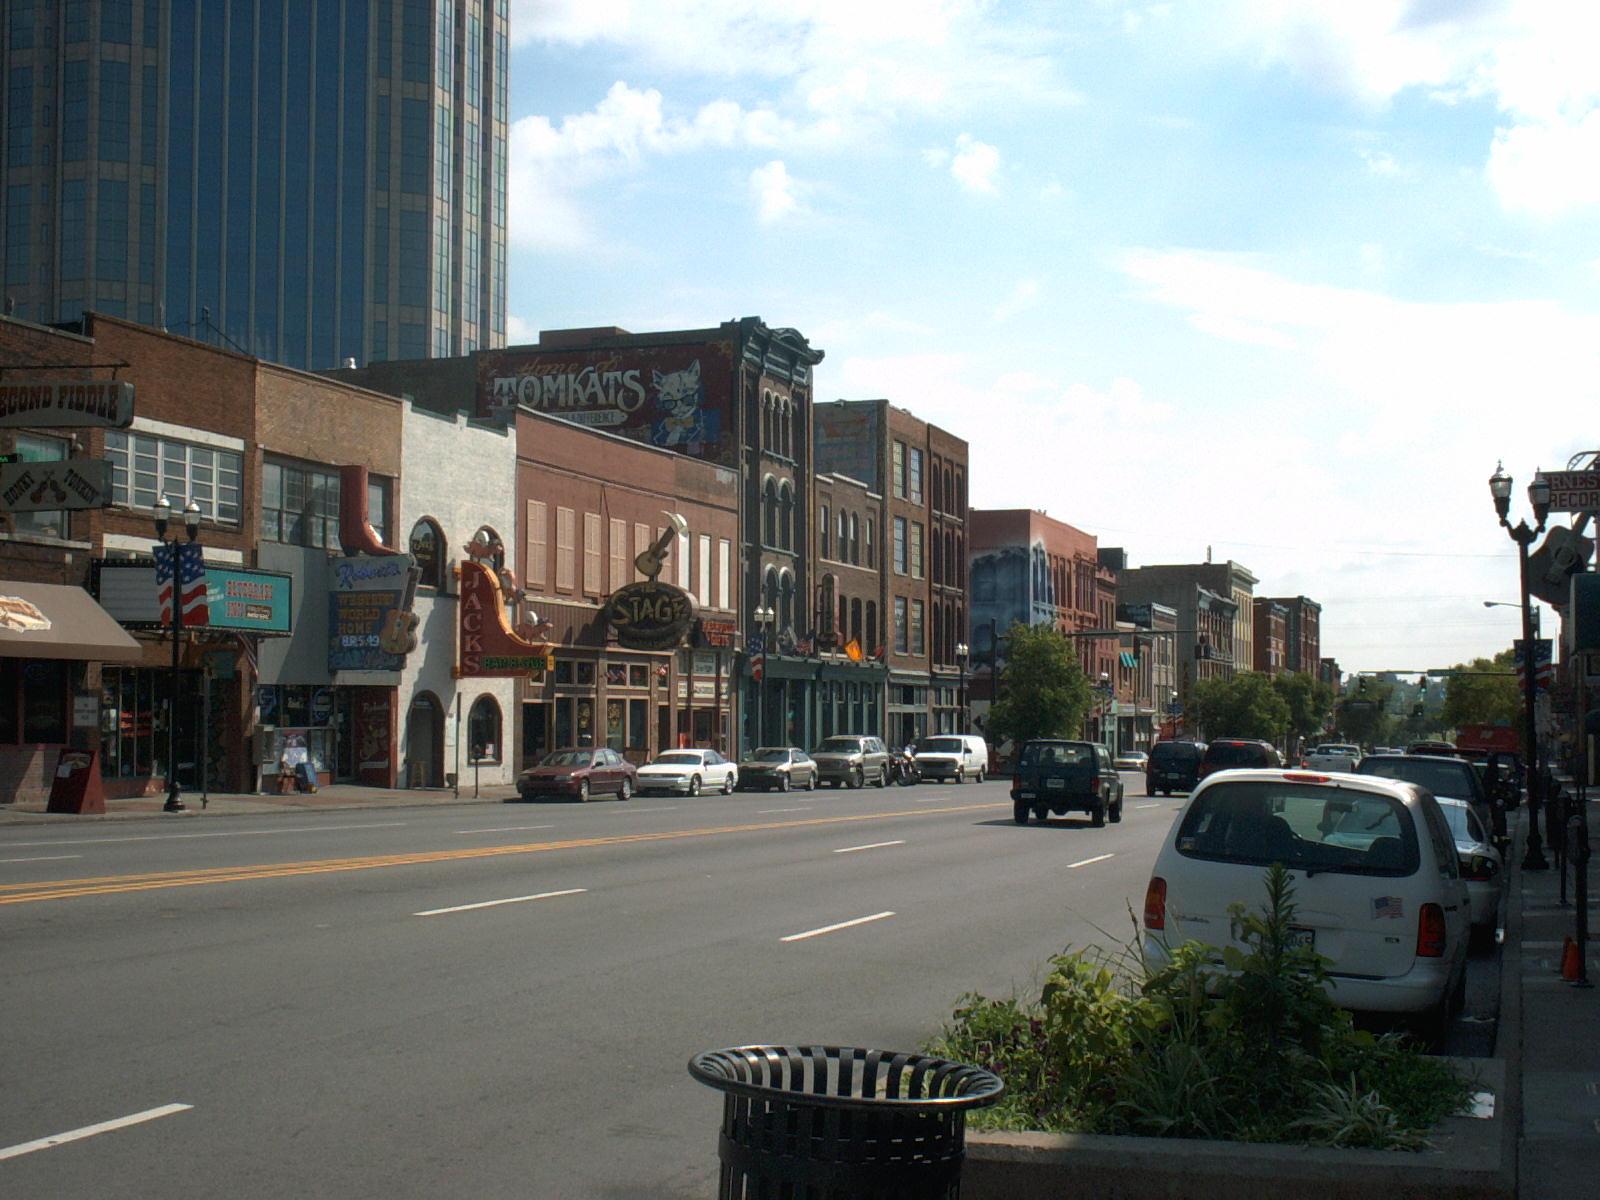 Nashville ist im Vergleich zu New York kuschelig